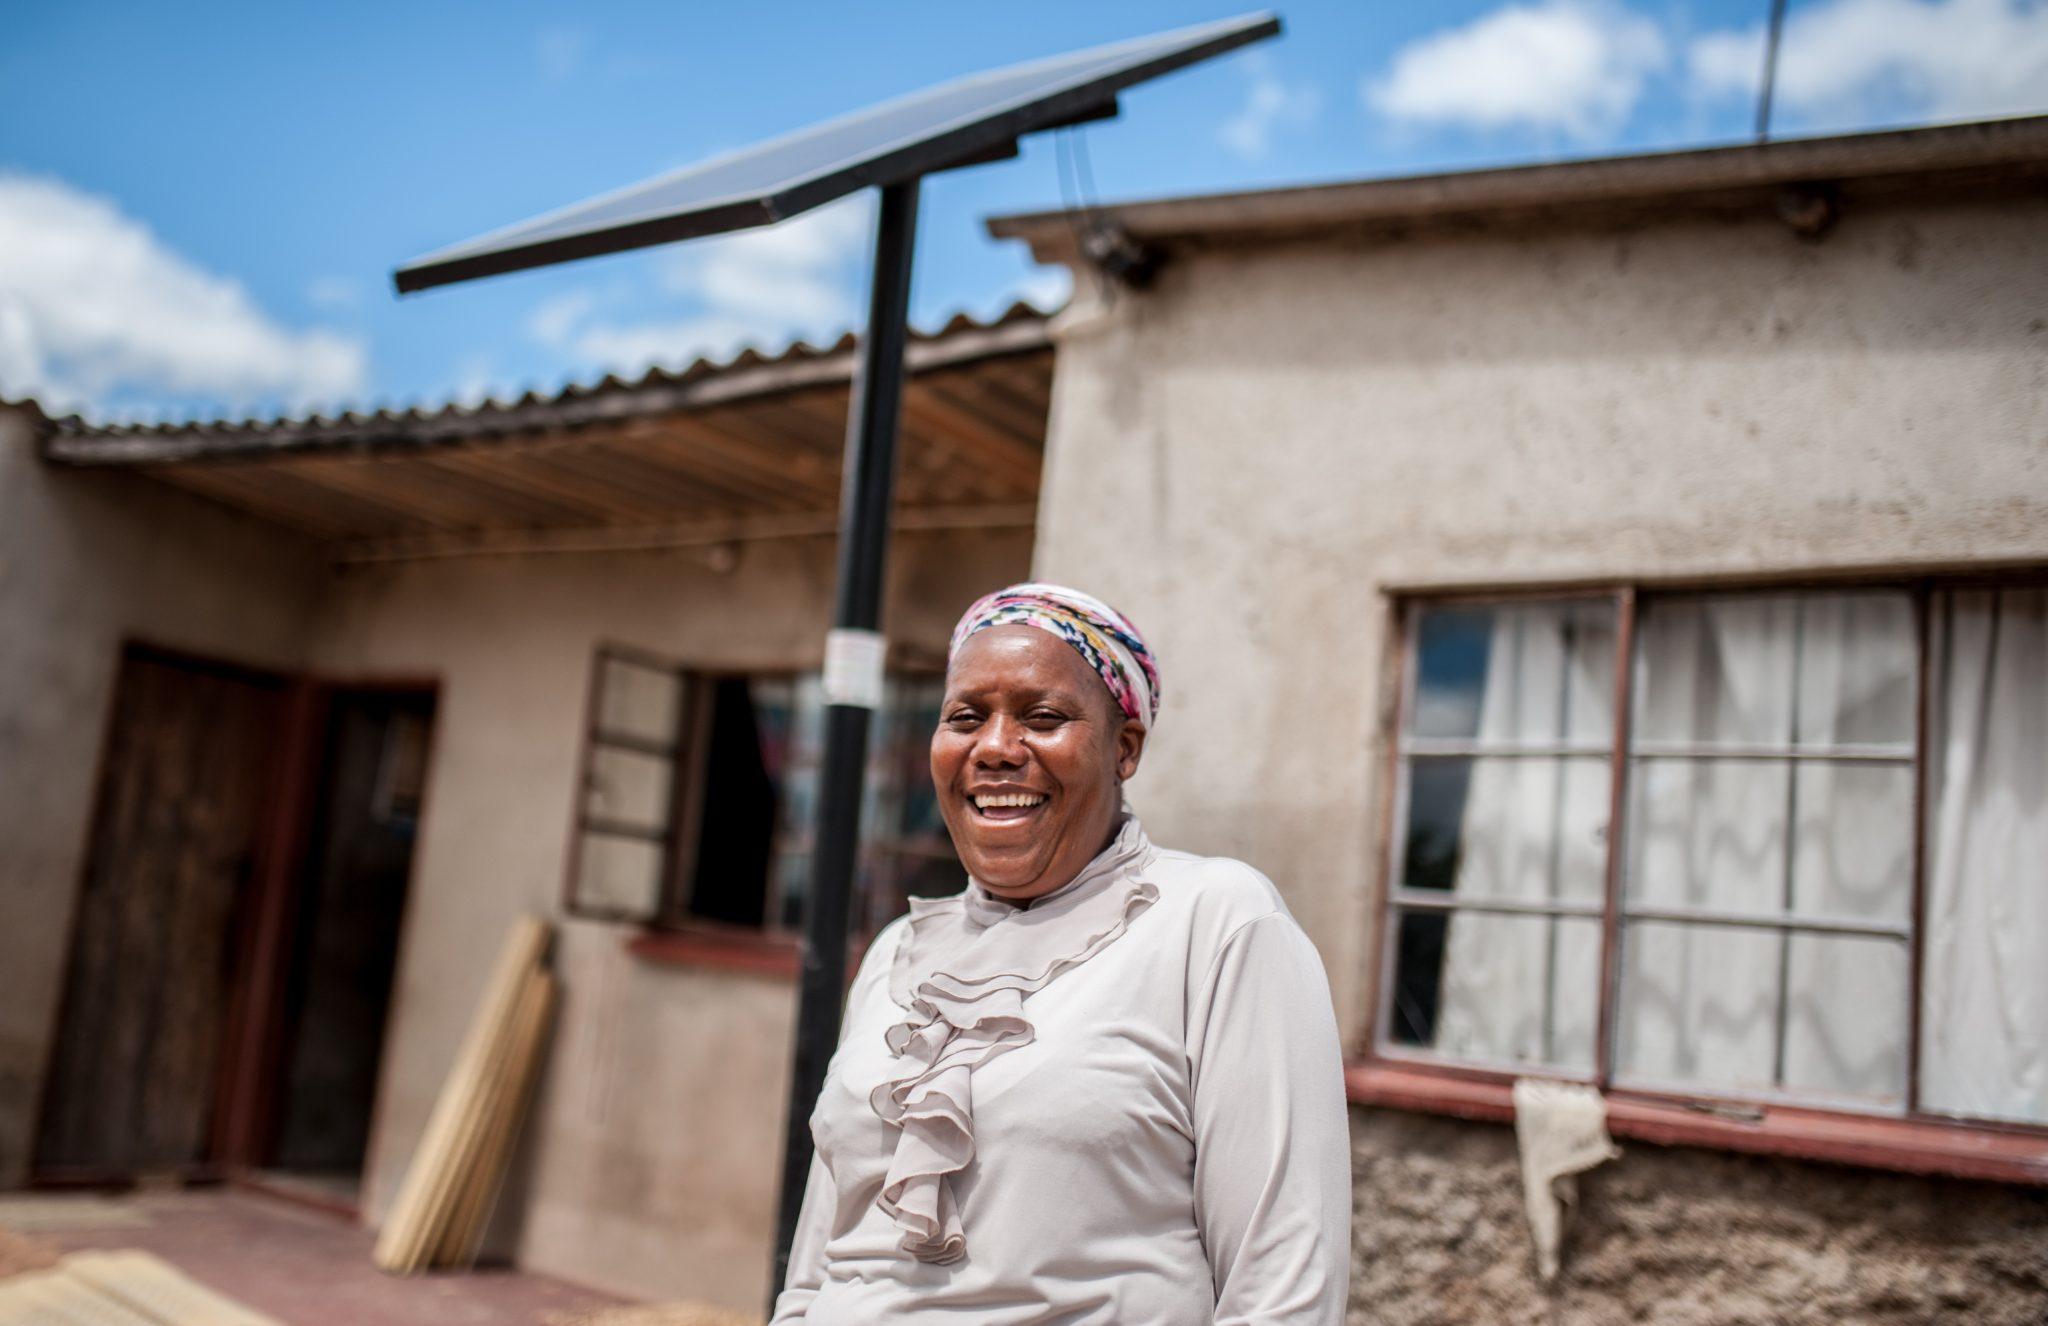 Sortir de la pauvreté grâce aux énergies renouvelables